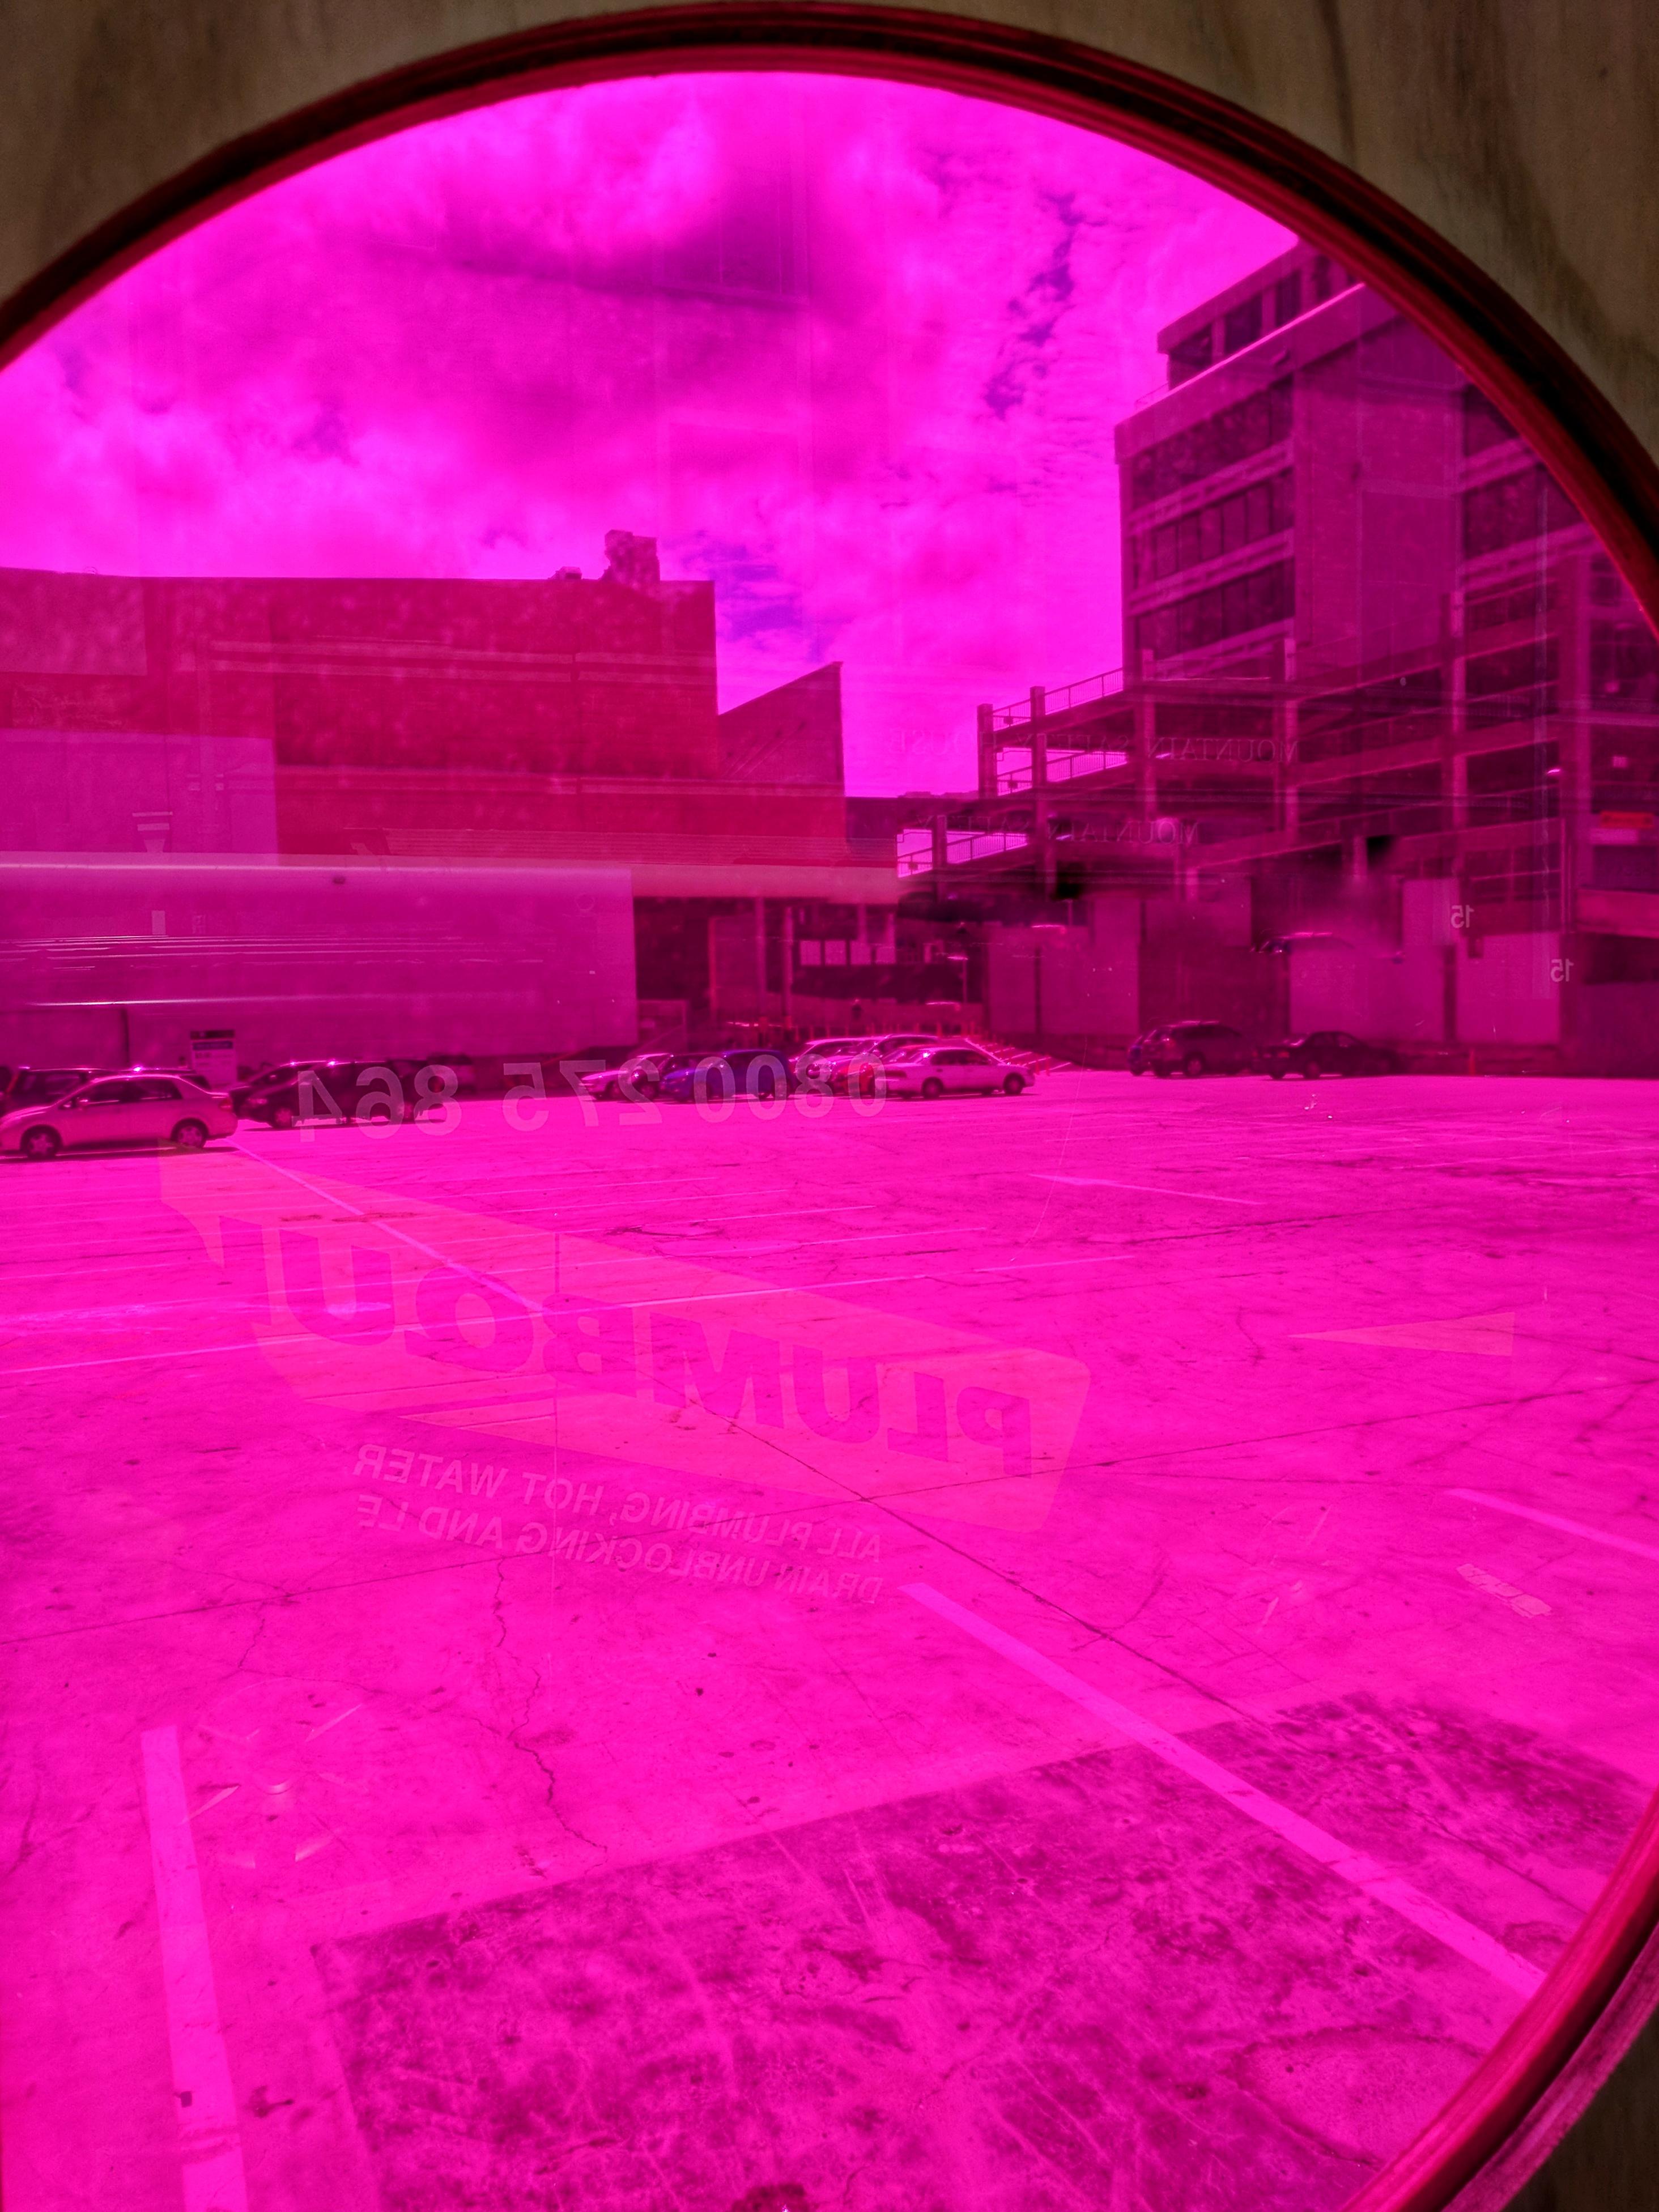 Empty lot seen through a pink filter